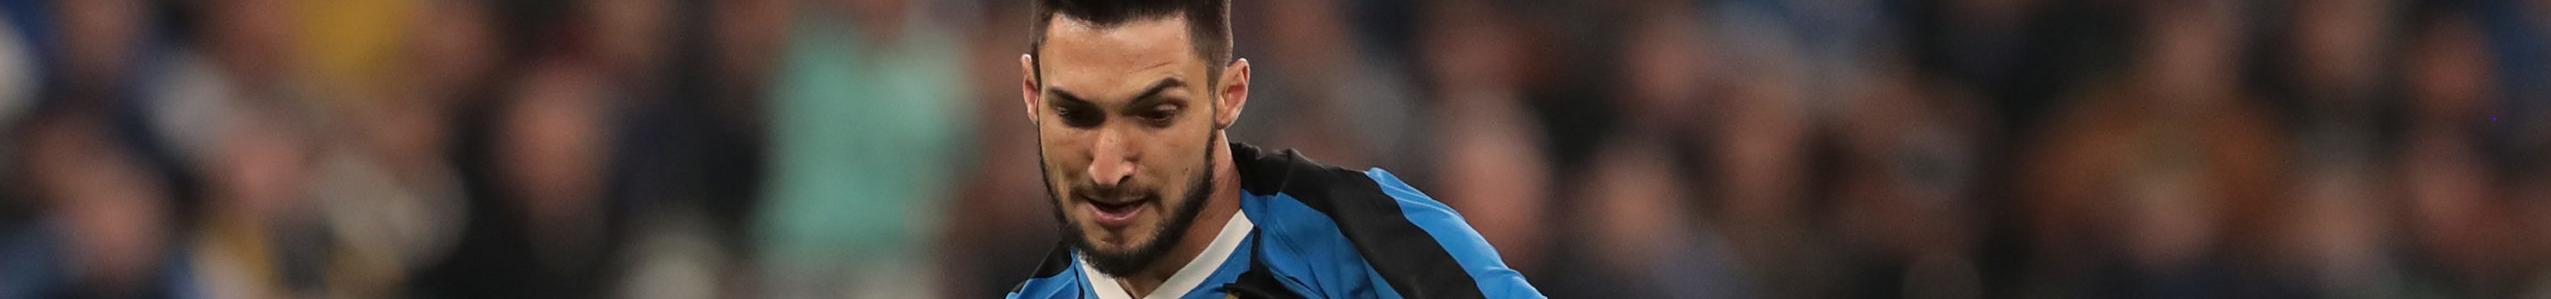 Calciomercato Napoli: Politano piace a Gattuso